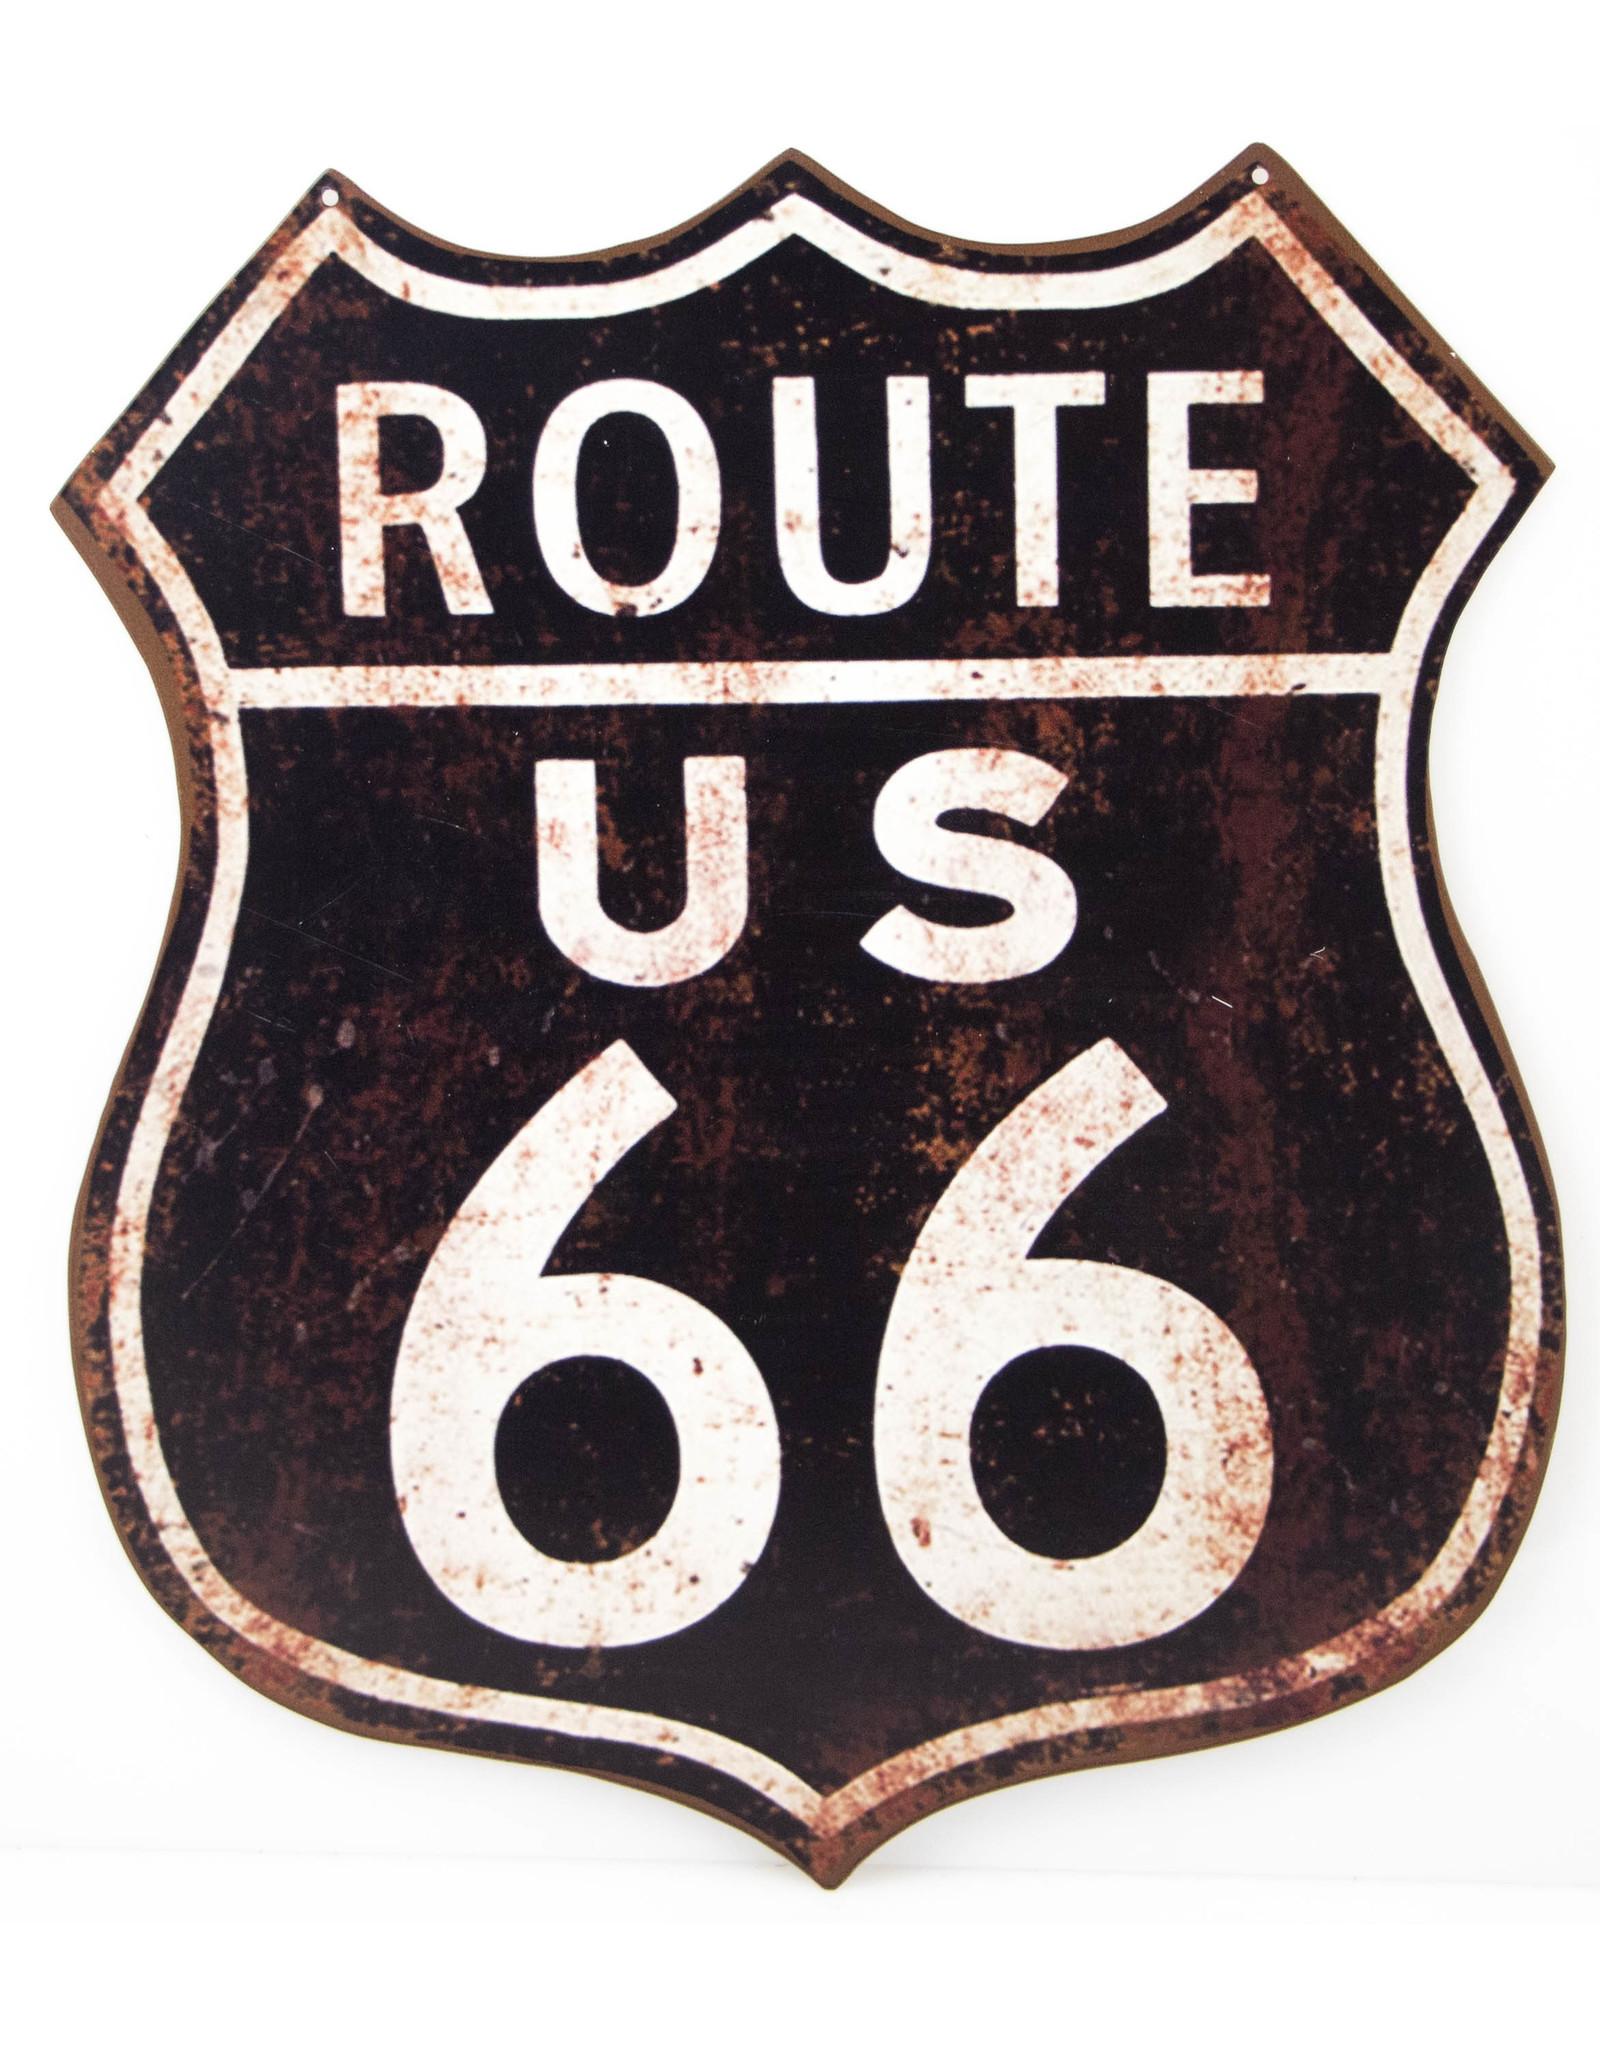 Route 66 (Shield black/white)